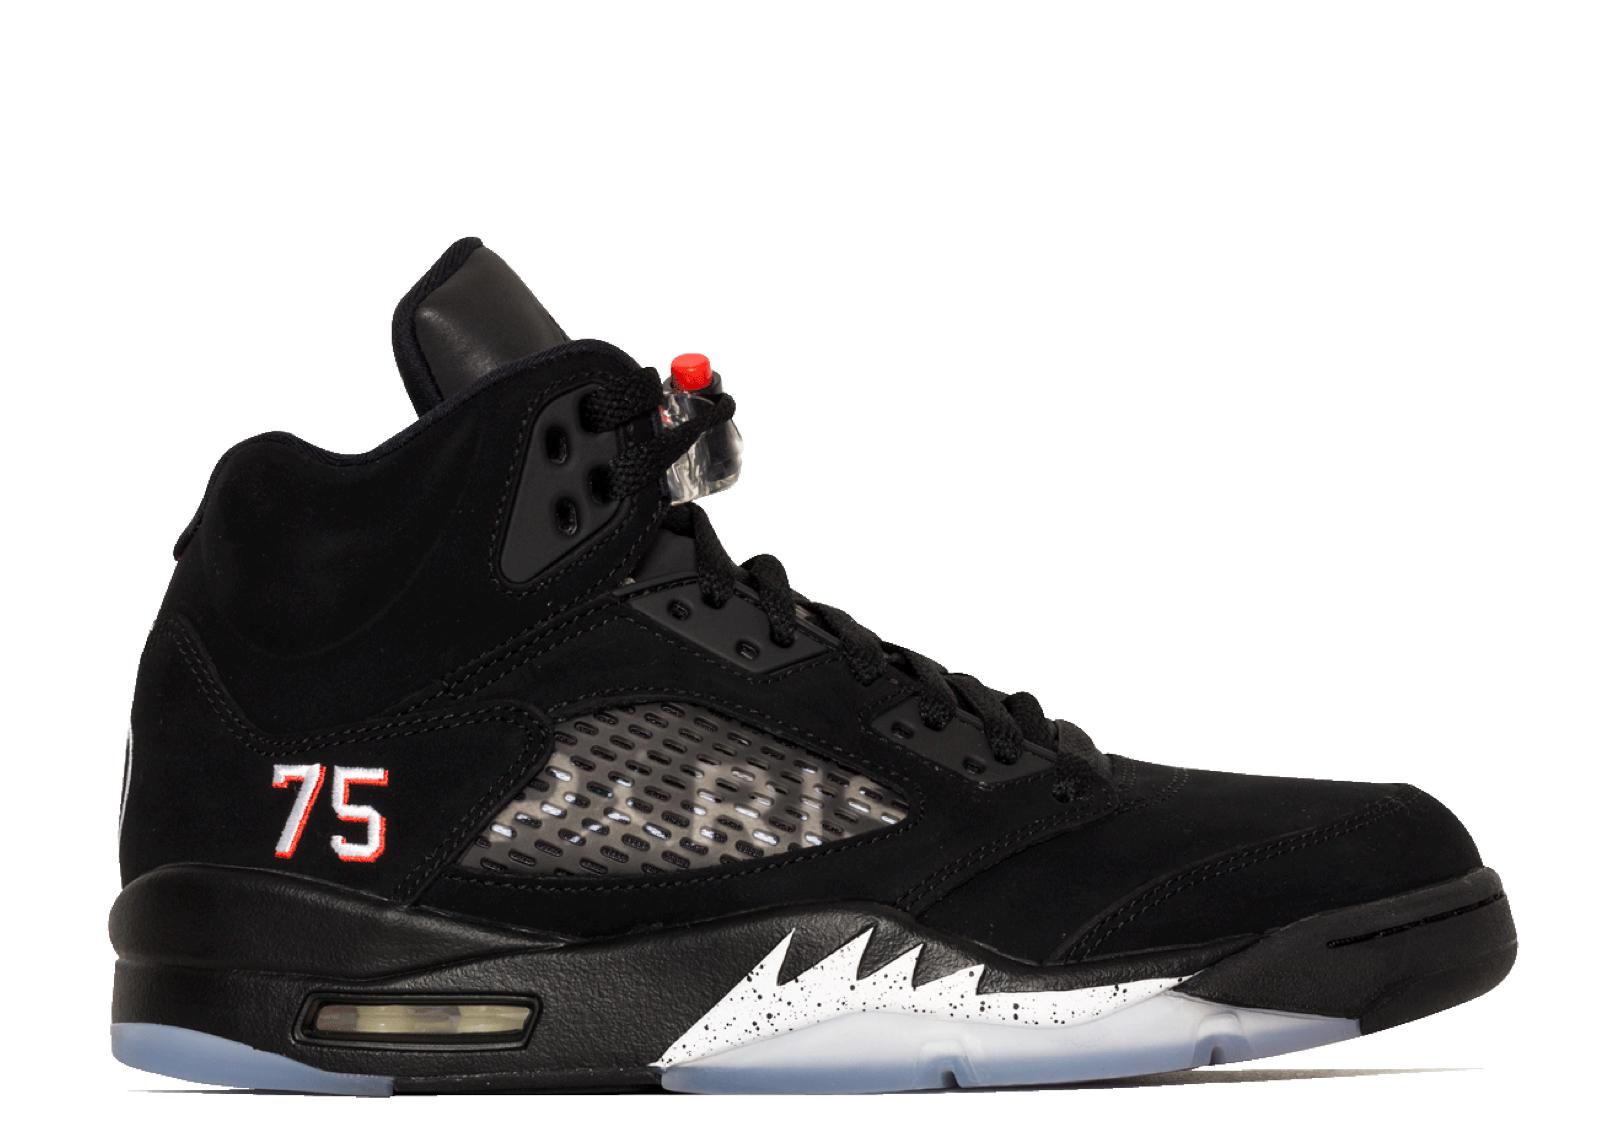 b9e0c29a6680 Jordan 5 Retro Paris Saint-Germain - 0